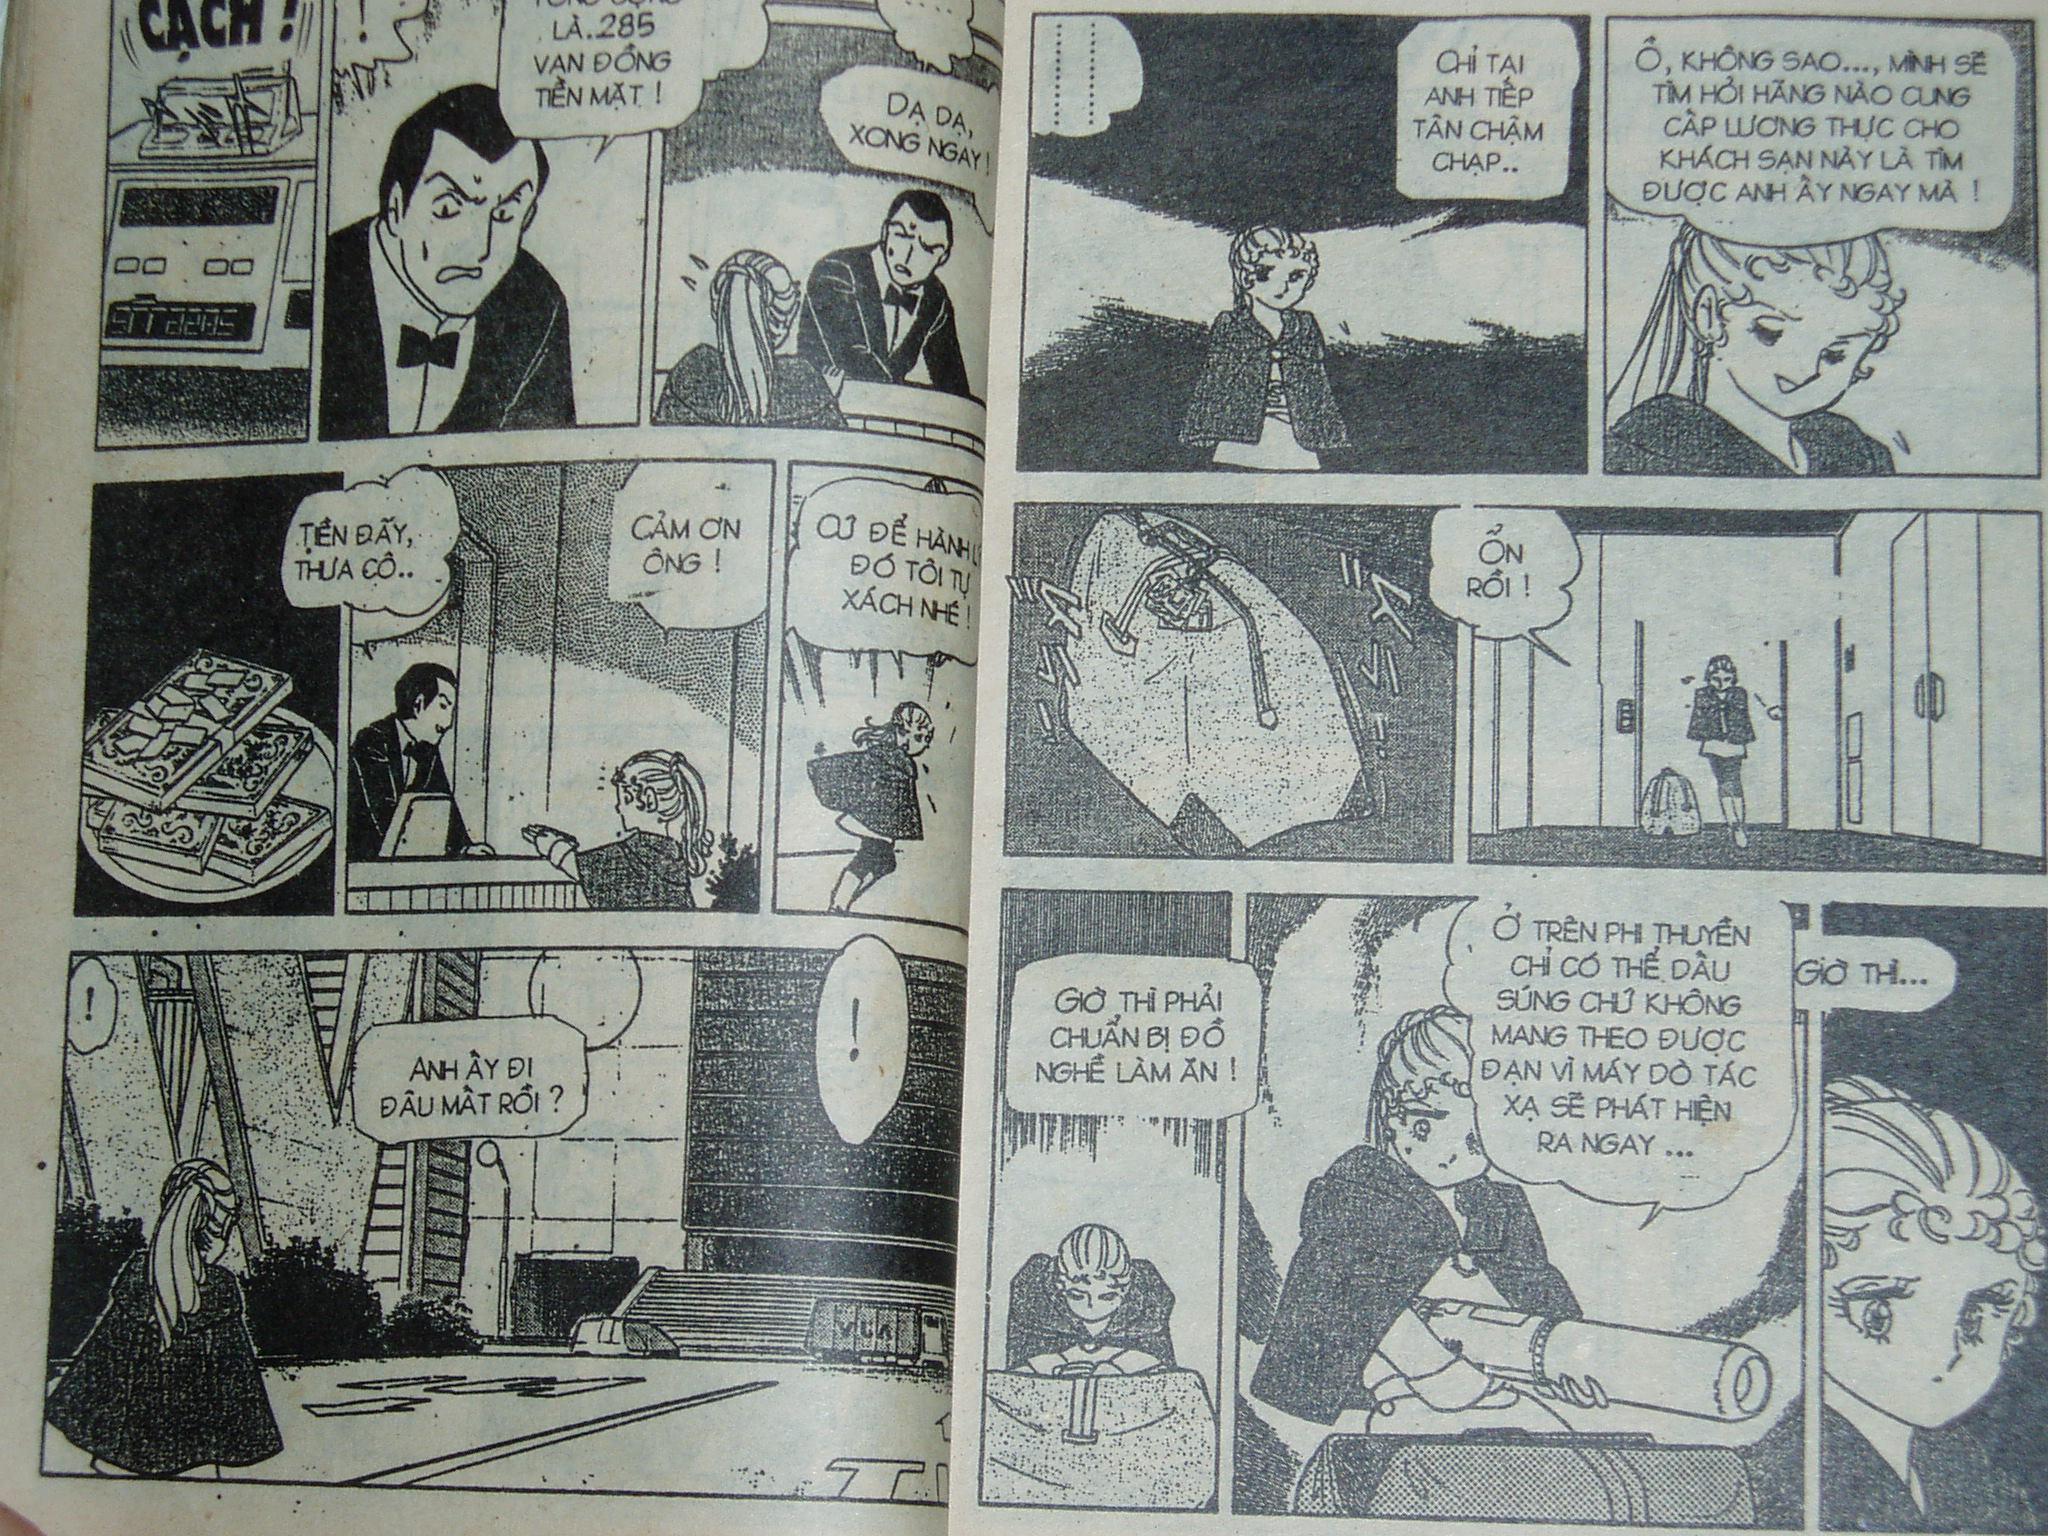 Siêu nhân Locke vol 16 trang 12